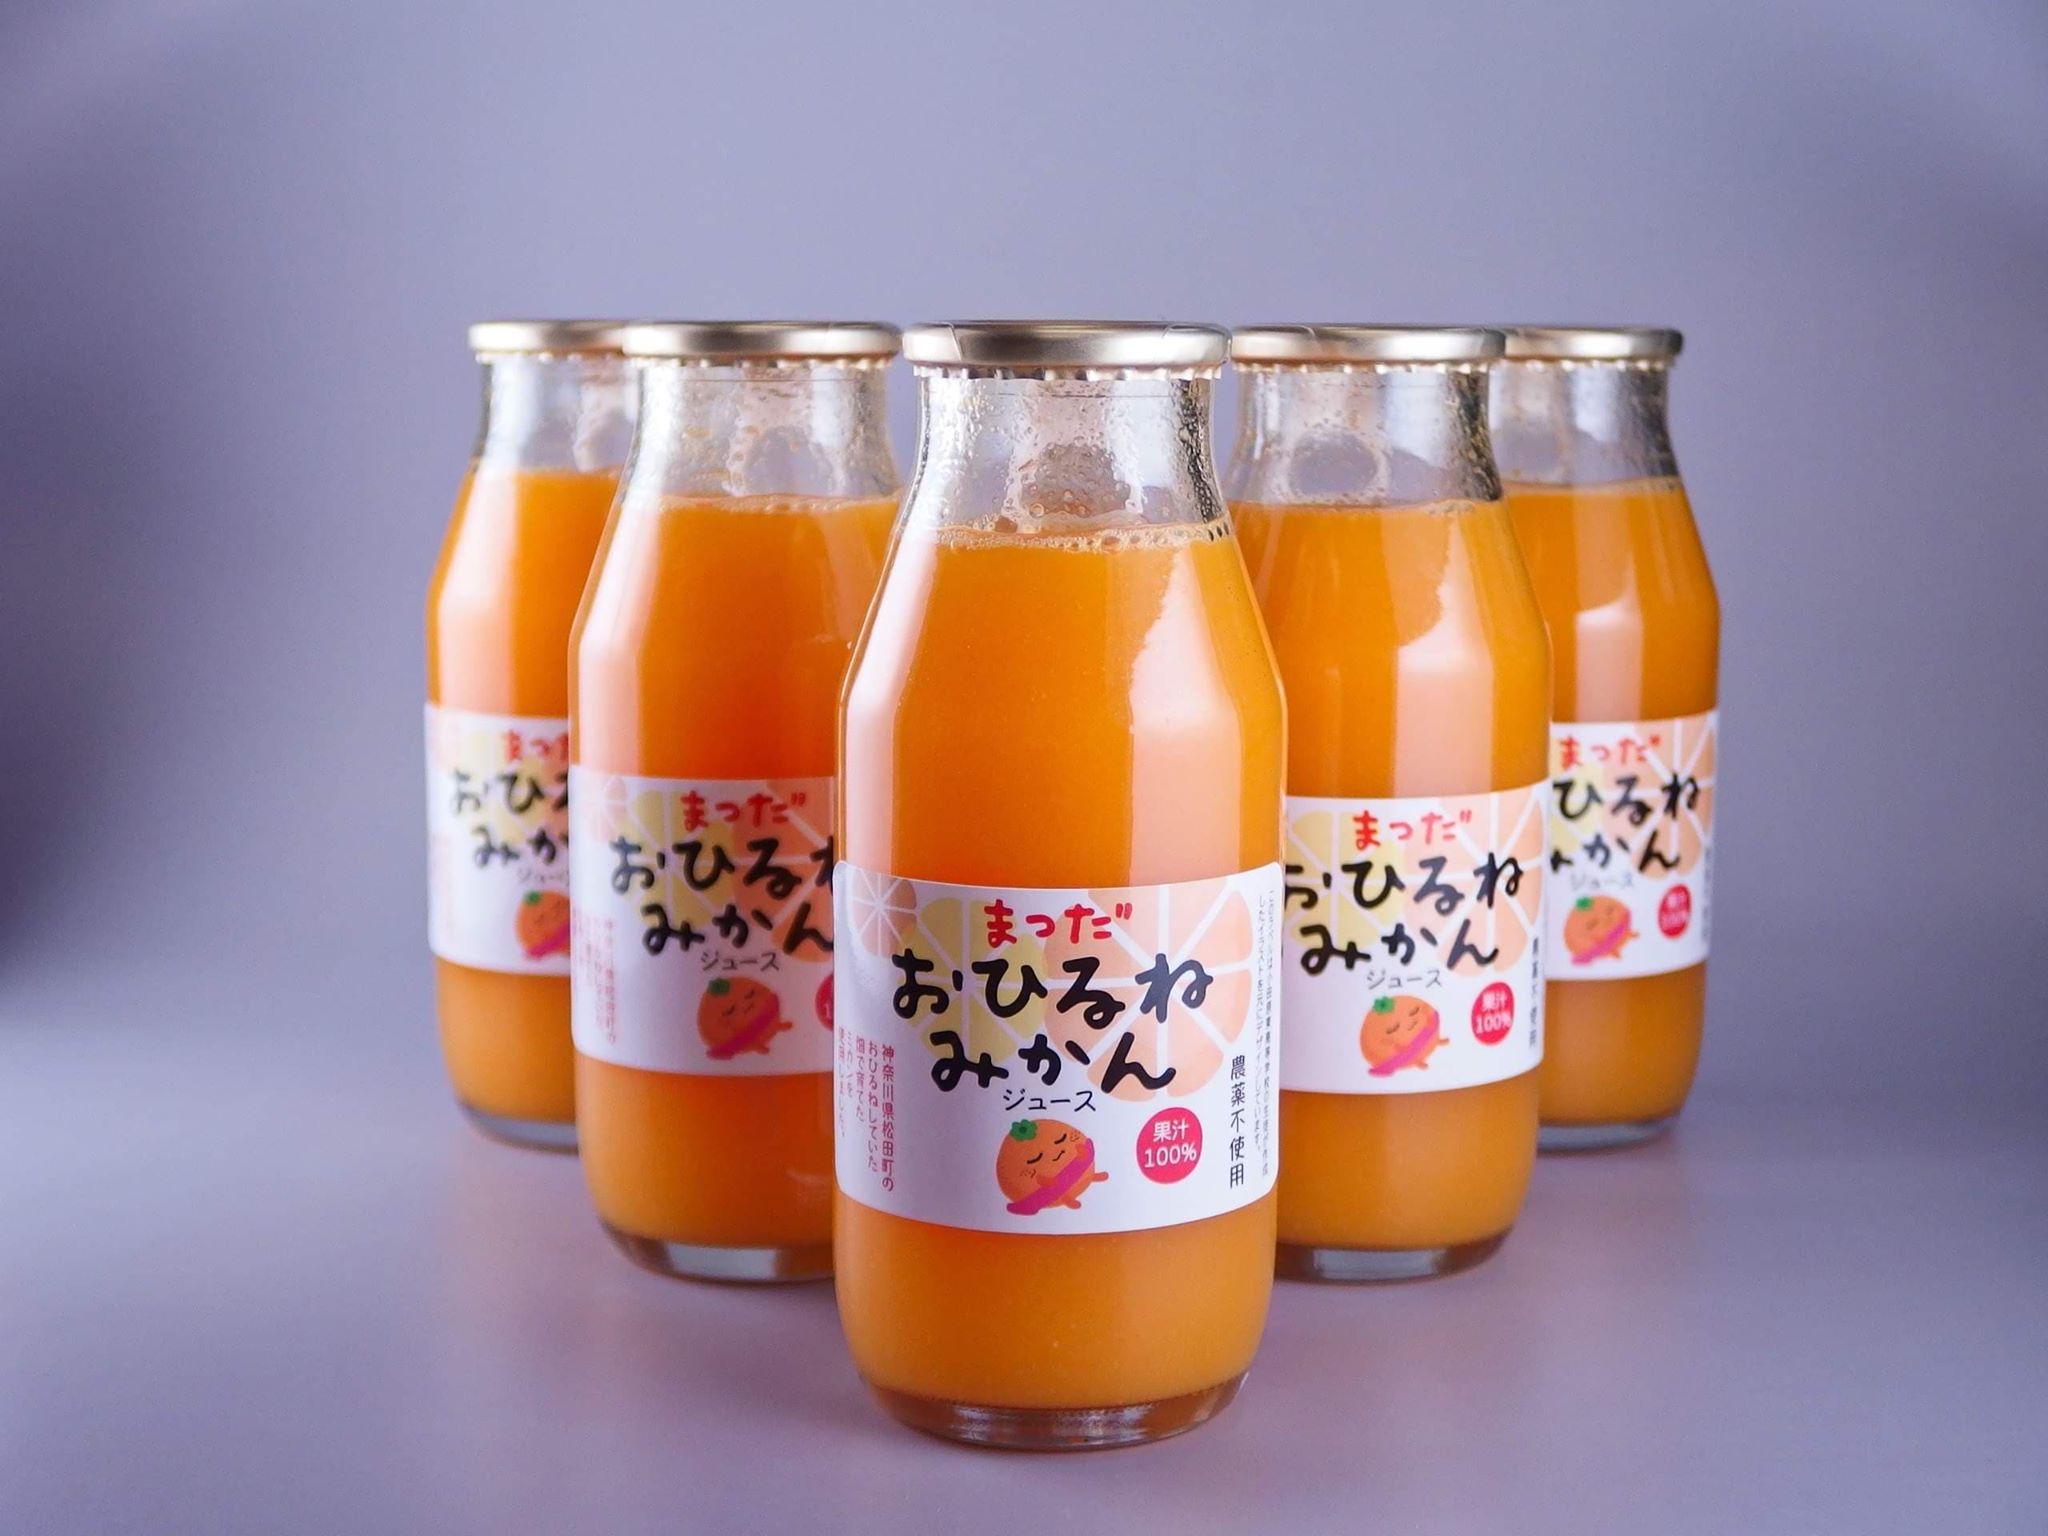 【数量限定】おひるねみかんジュース180ml 24本